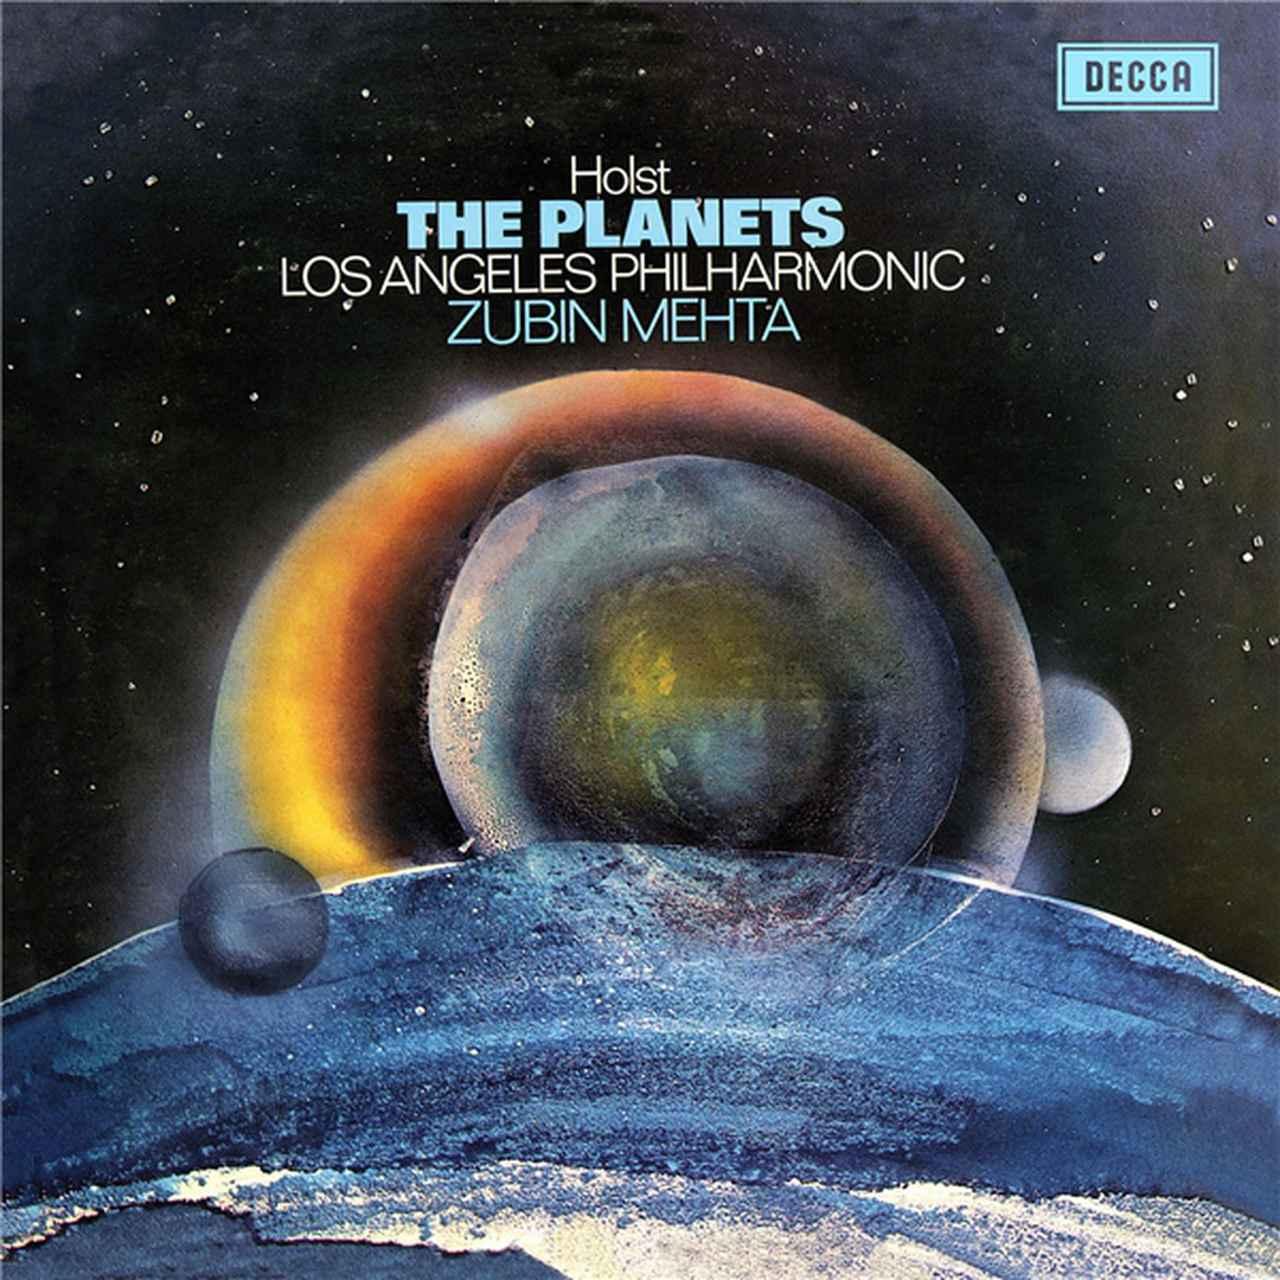 画像: Holst: The Planets / Los Angeles Philharmonic Orchestra, Zubin Mehta